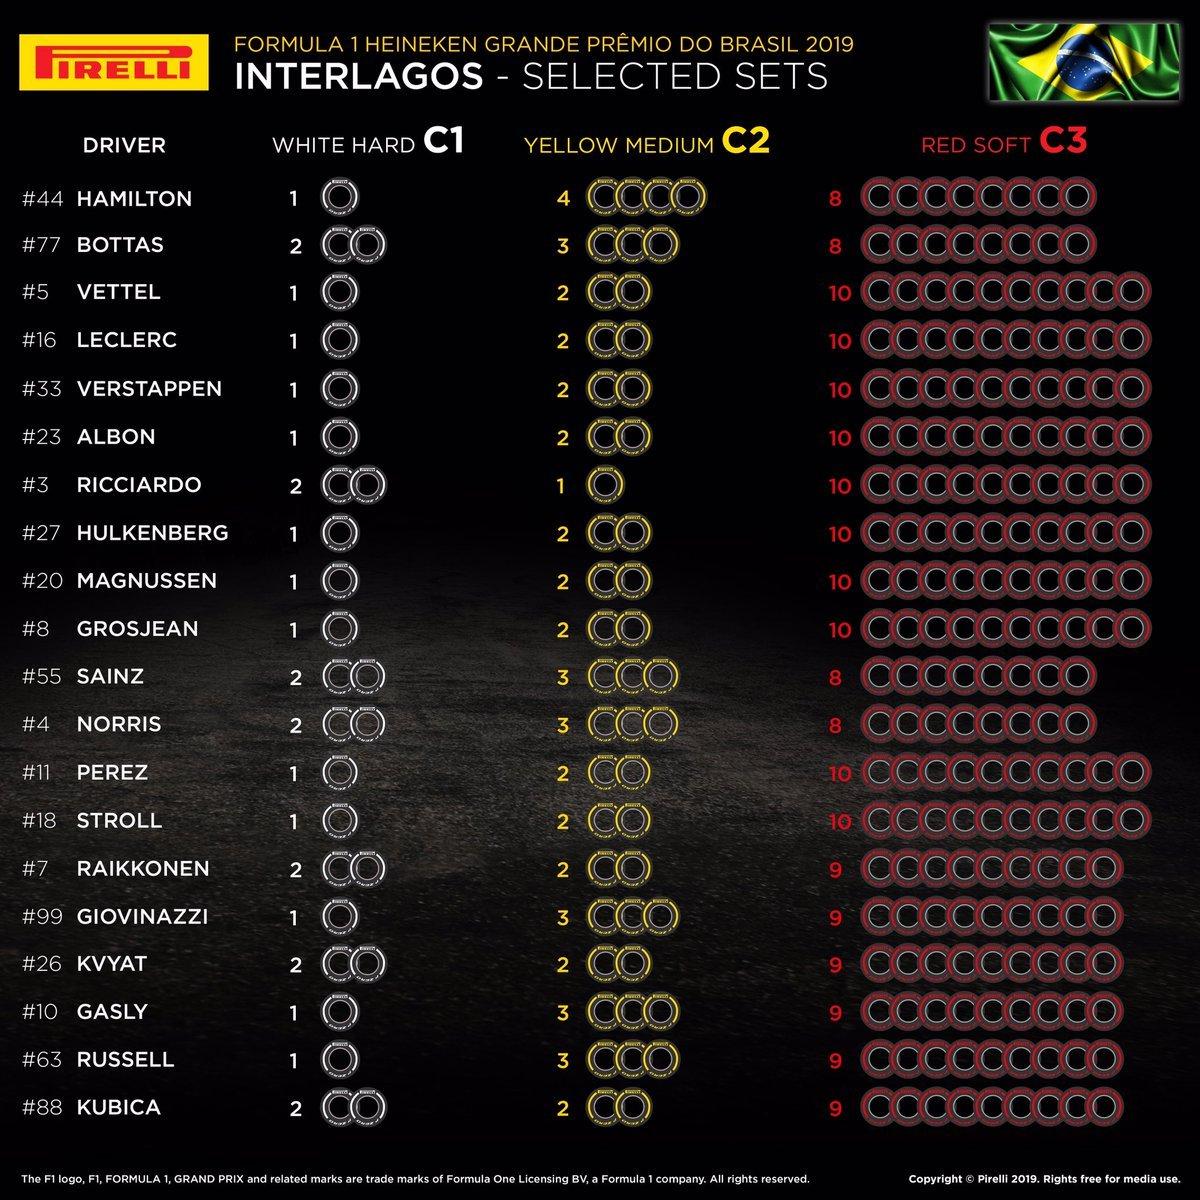 2019年 F1 ブラジルグランプリ 各ドライバーのタイヤ選択